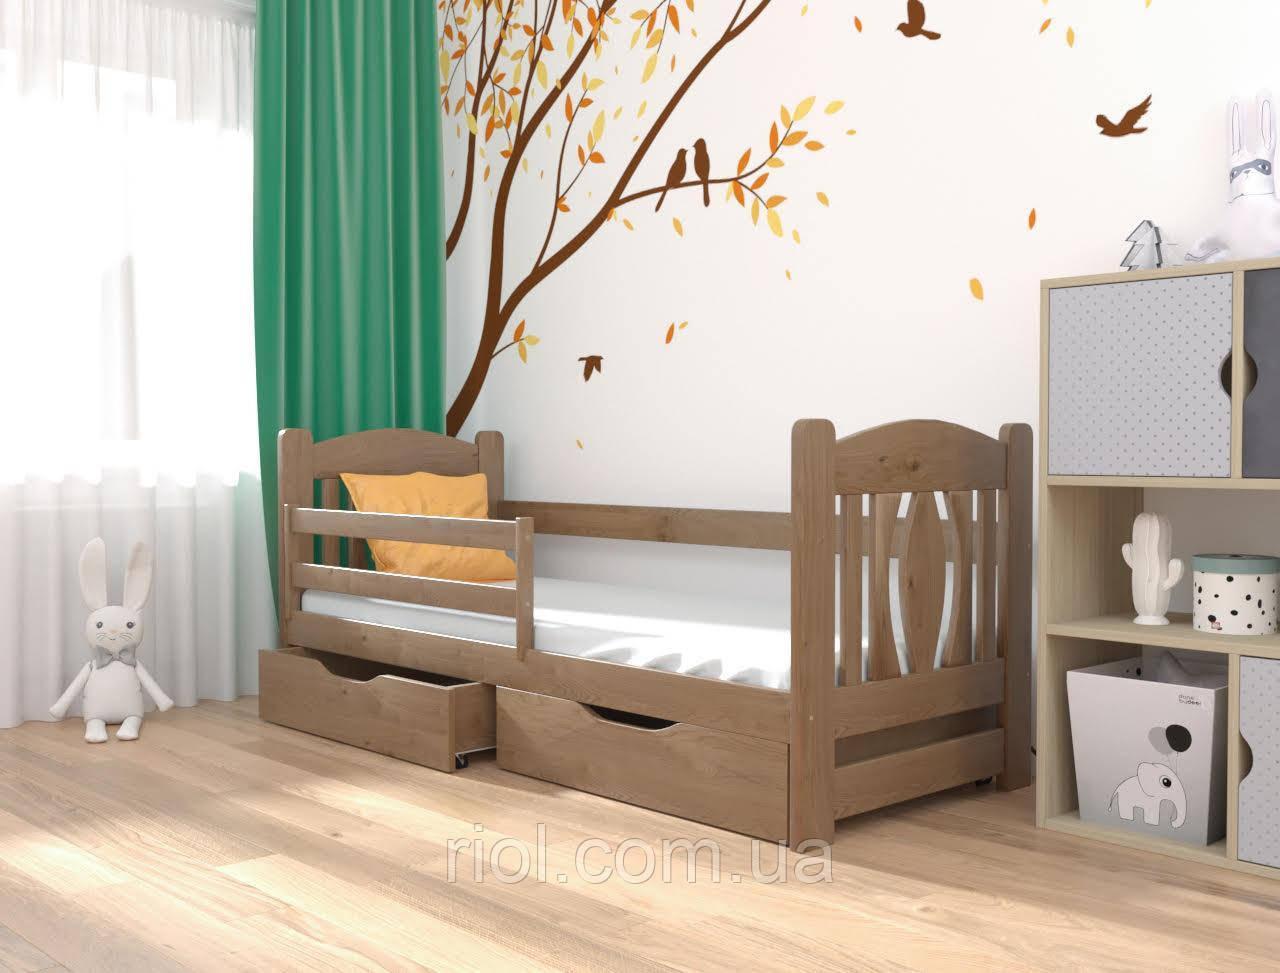 Детская подростковая кровать Оскар